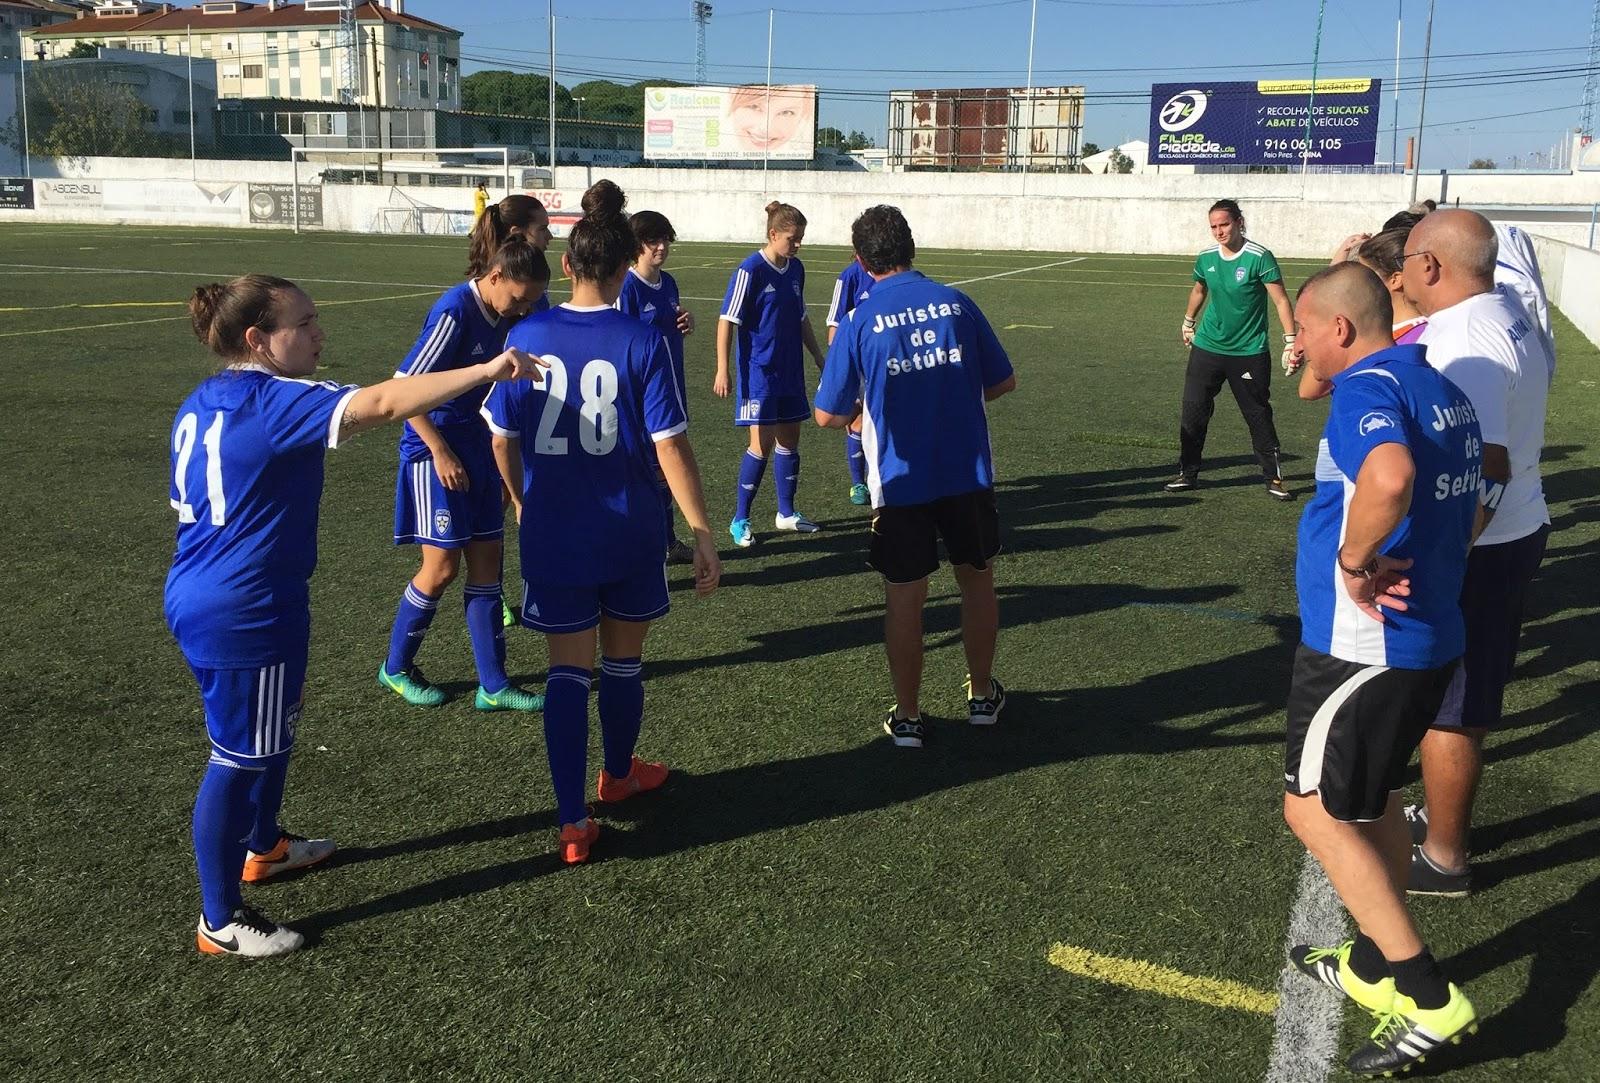 0e0edc9534 Partida realizada na Academia de Futebol do Amora. Resultado final  3 -0